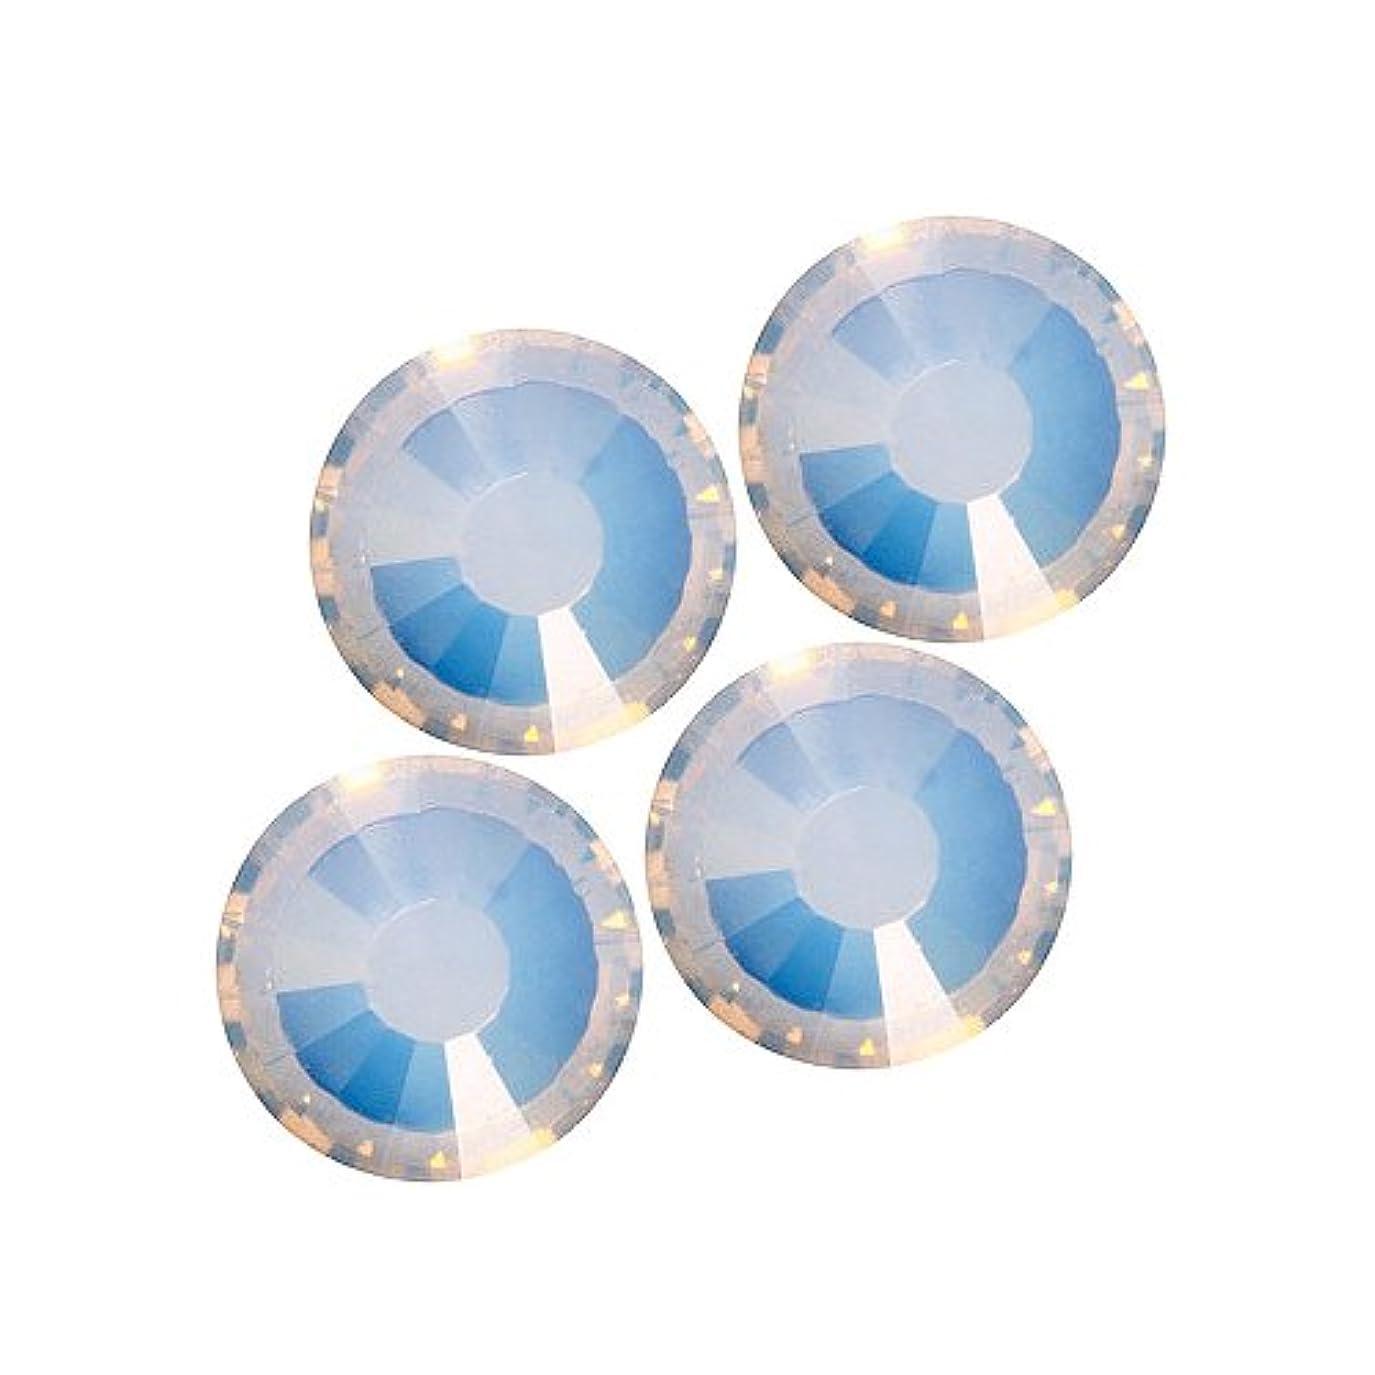 オーガニックミッション可愛いバイナル DIAMOND RHINESTONE ホワイトオパールSS8 1440粒 ST-SS8-WHO-10G